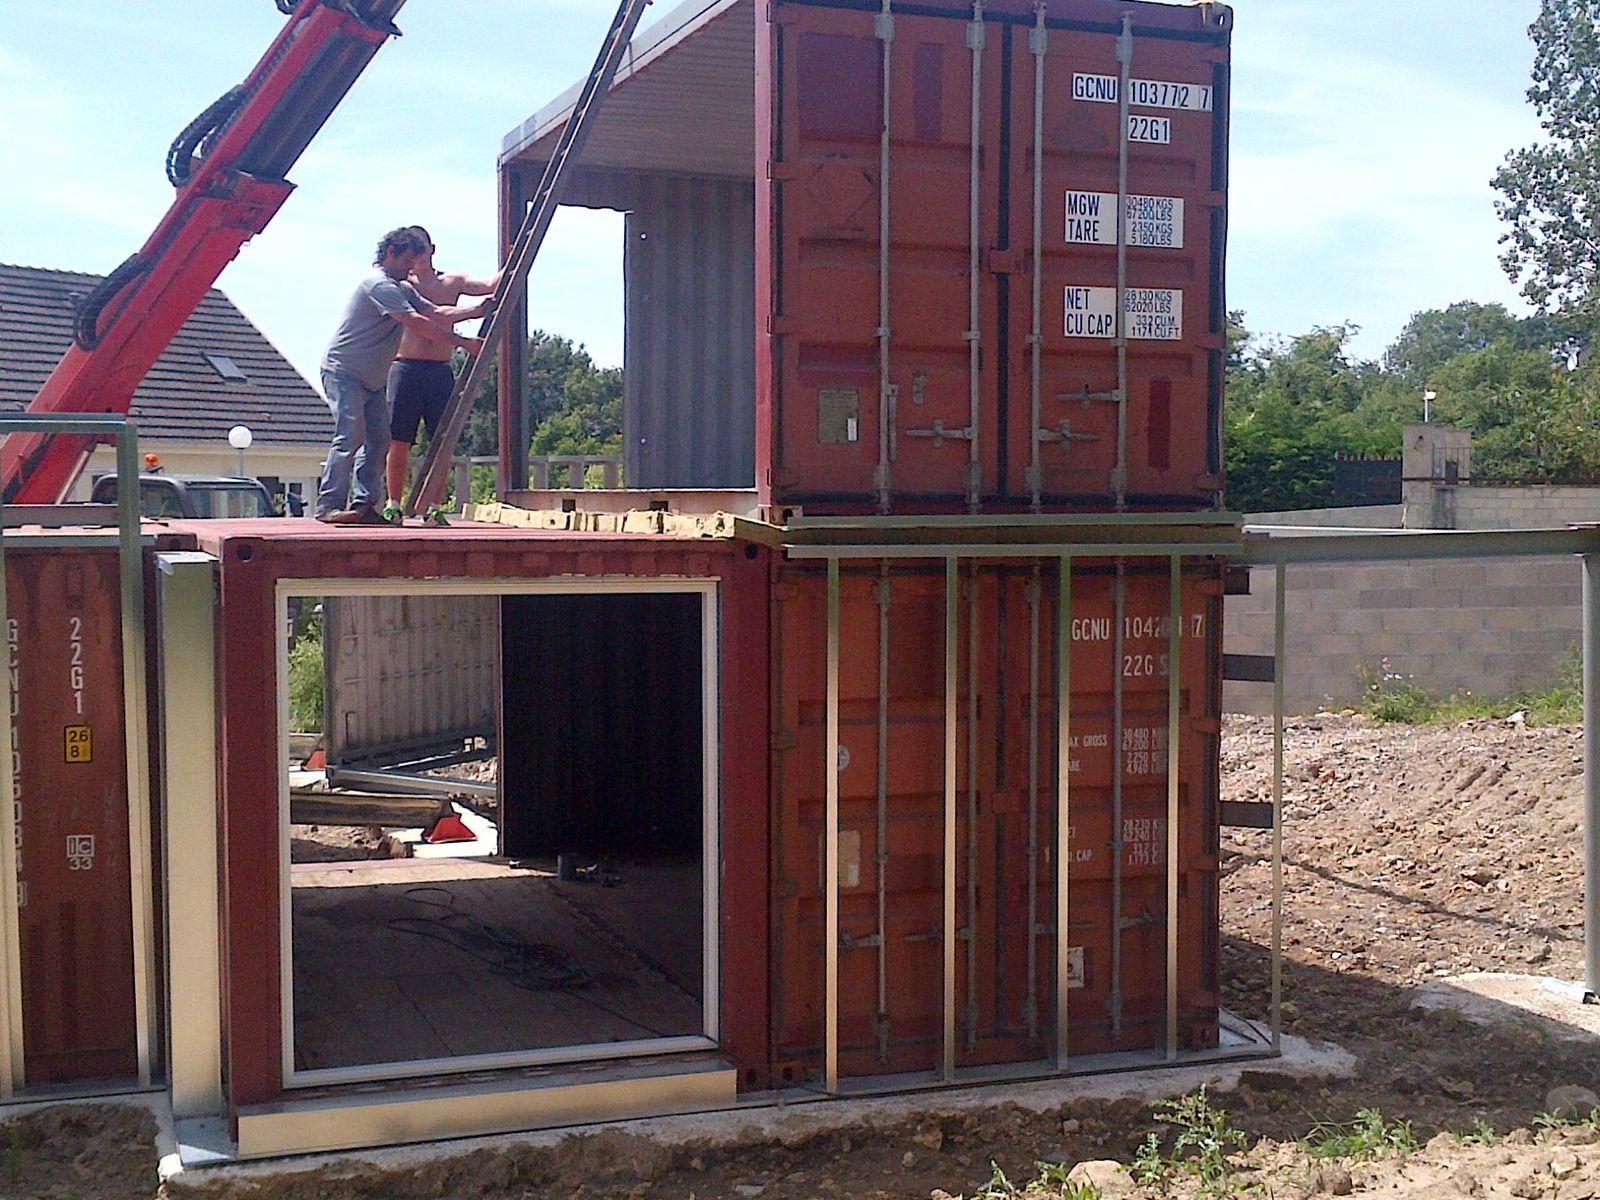 Deuxième jour : arrivée des 4 derniers containers